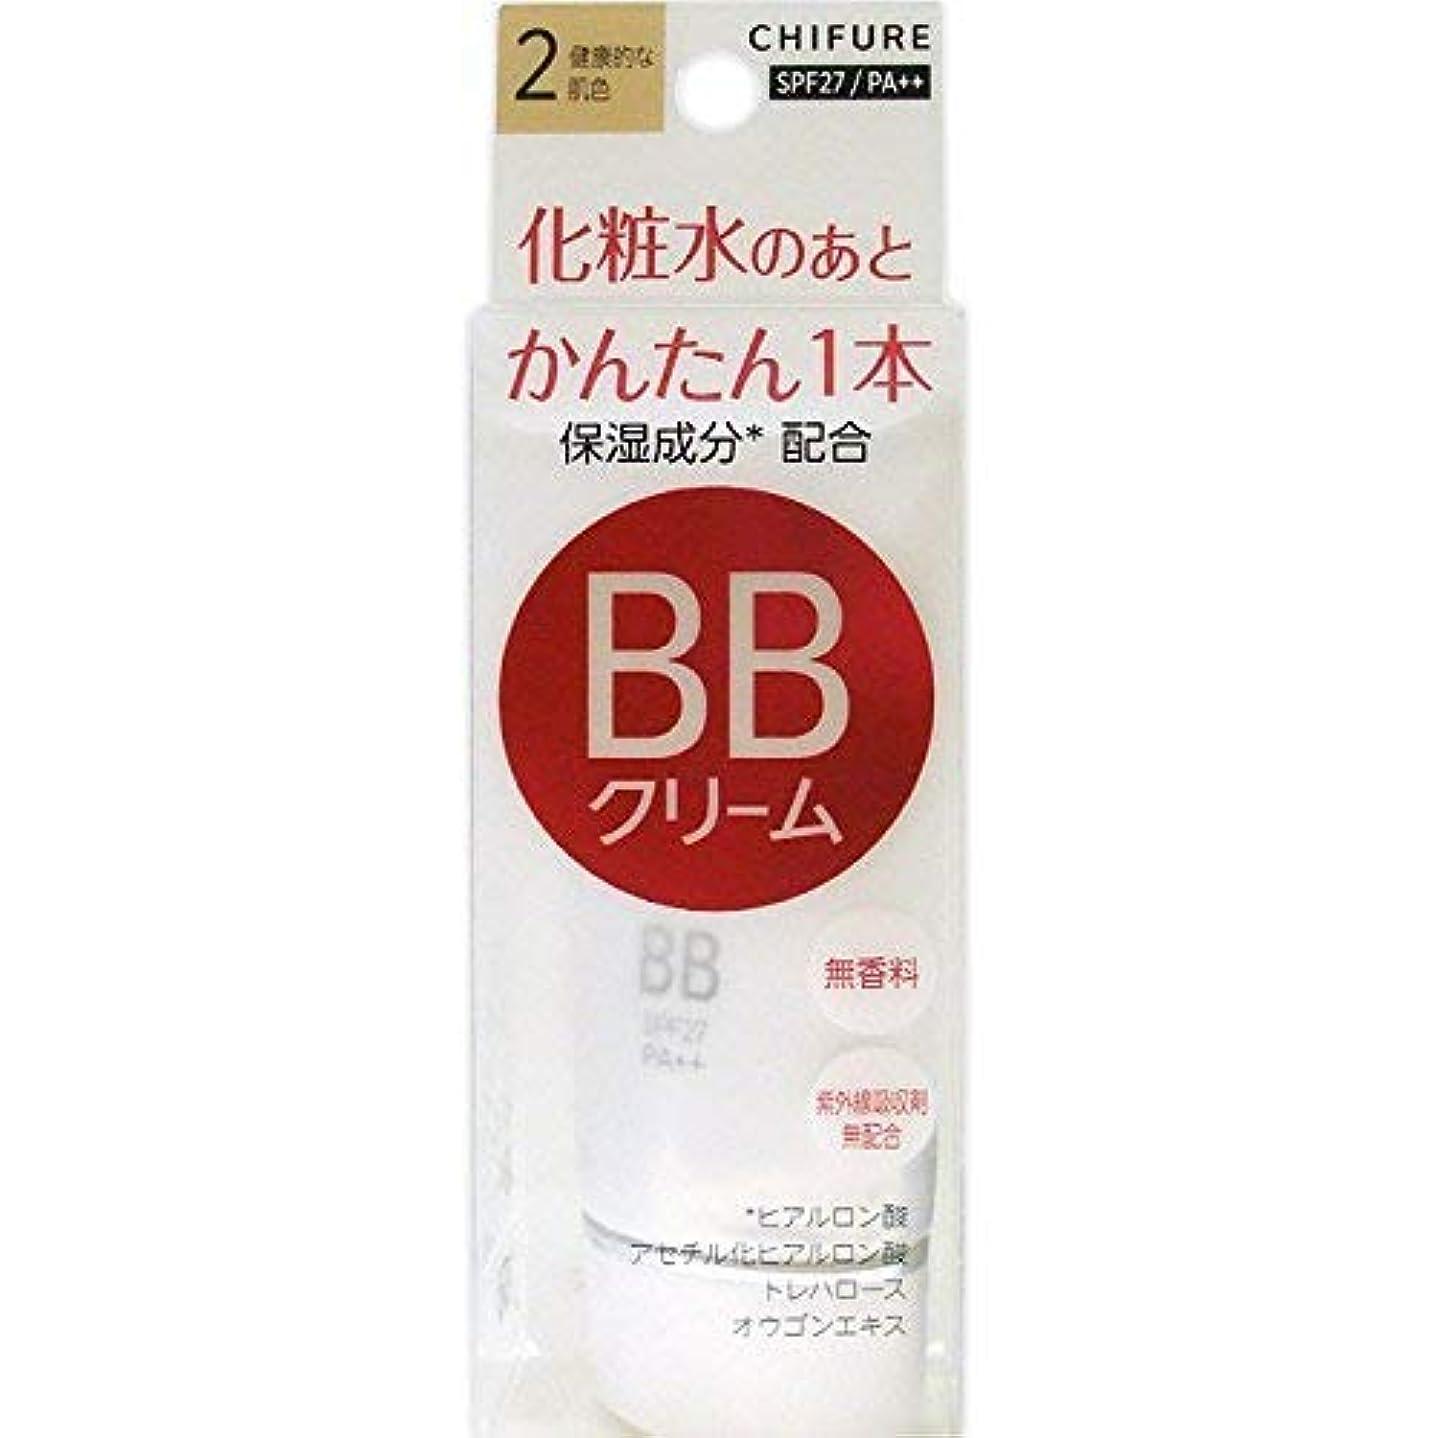 パックグリーンランド冗談でちふれ化粧品 BB クリーム 2 健康的な肌色 BBクリーム 2